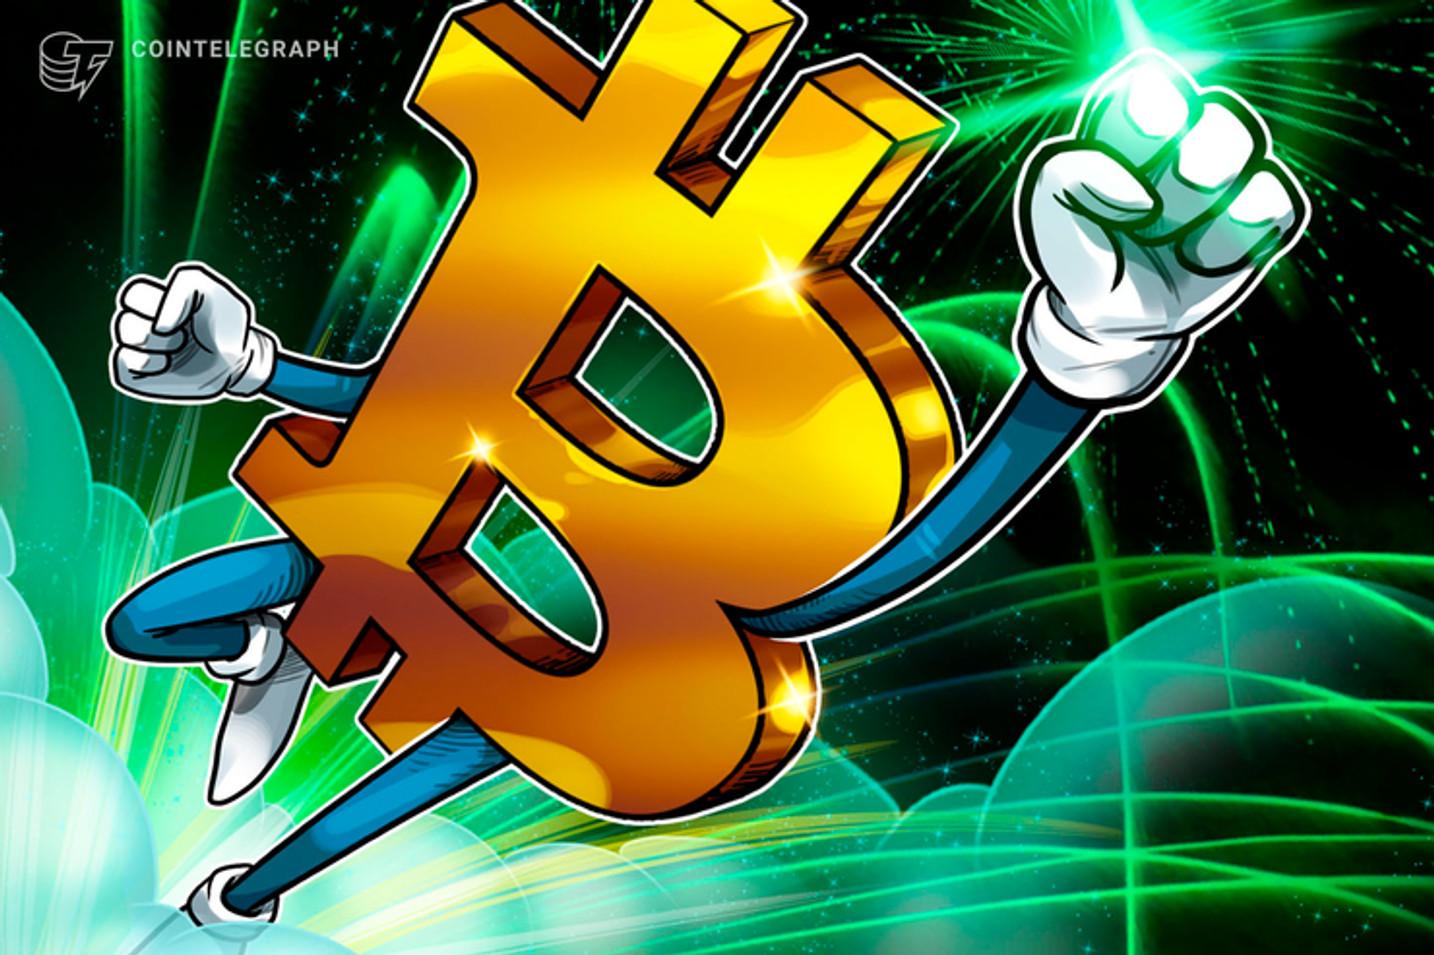 Junho bate recorde e registra disparada no comércio de Bitcoin no Brasil